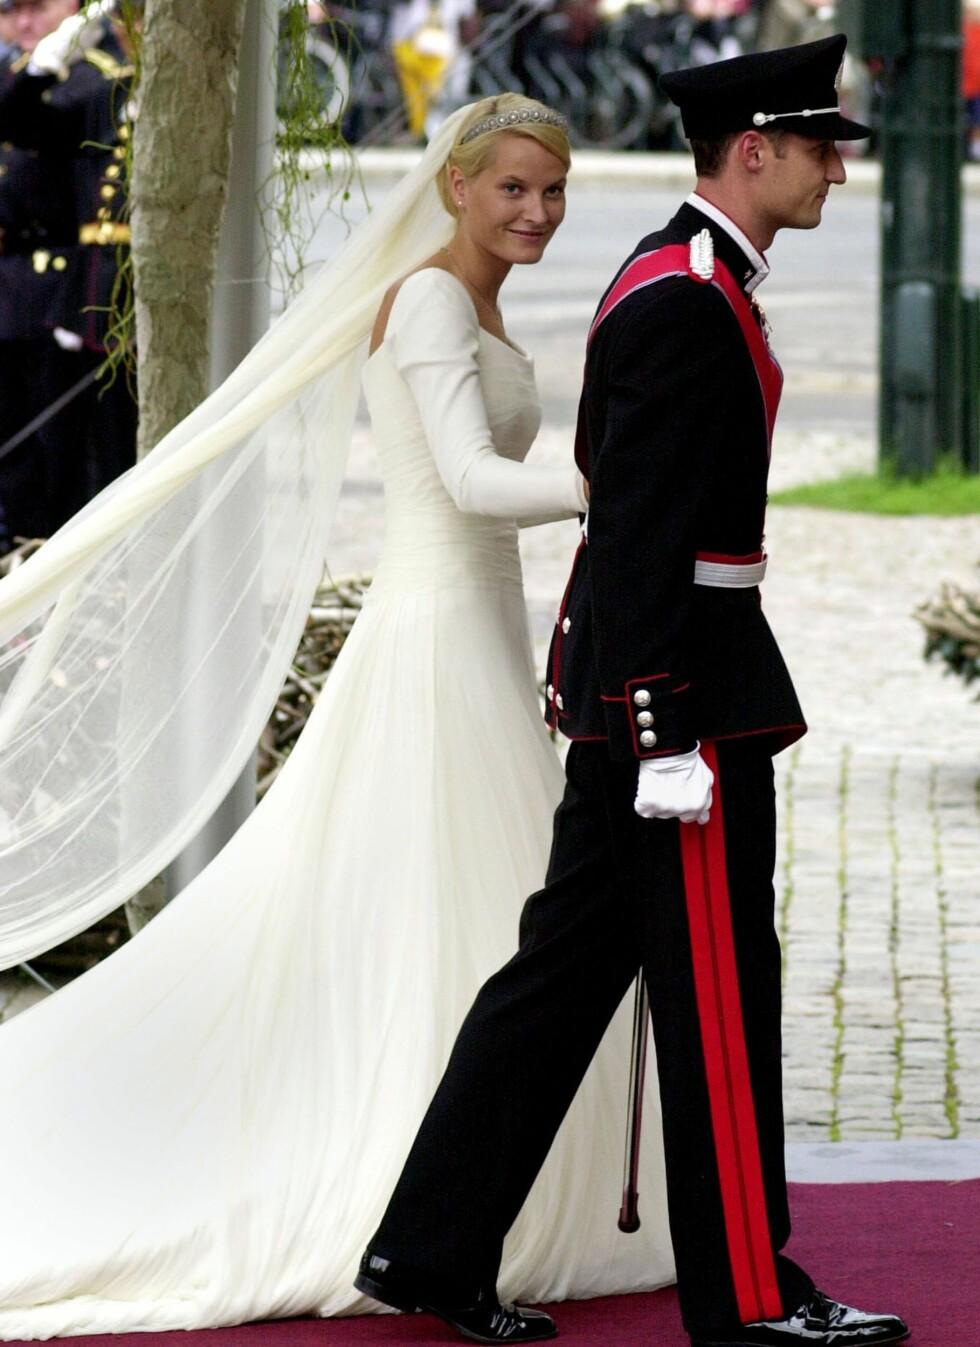 Brudekjolen var designet av norske Ove Harder Finseth. En drøm av en kjole i hele 125 meter silketyll. Sløret på kjolen var hele seks meter langt.  Foto: All Over Press